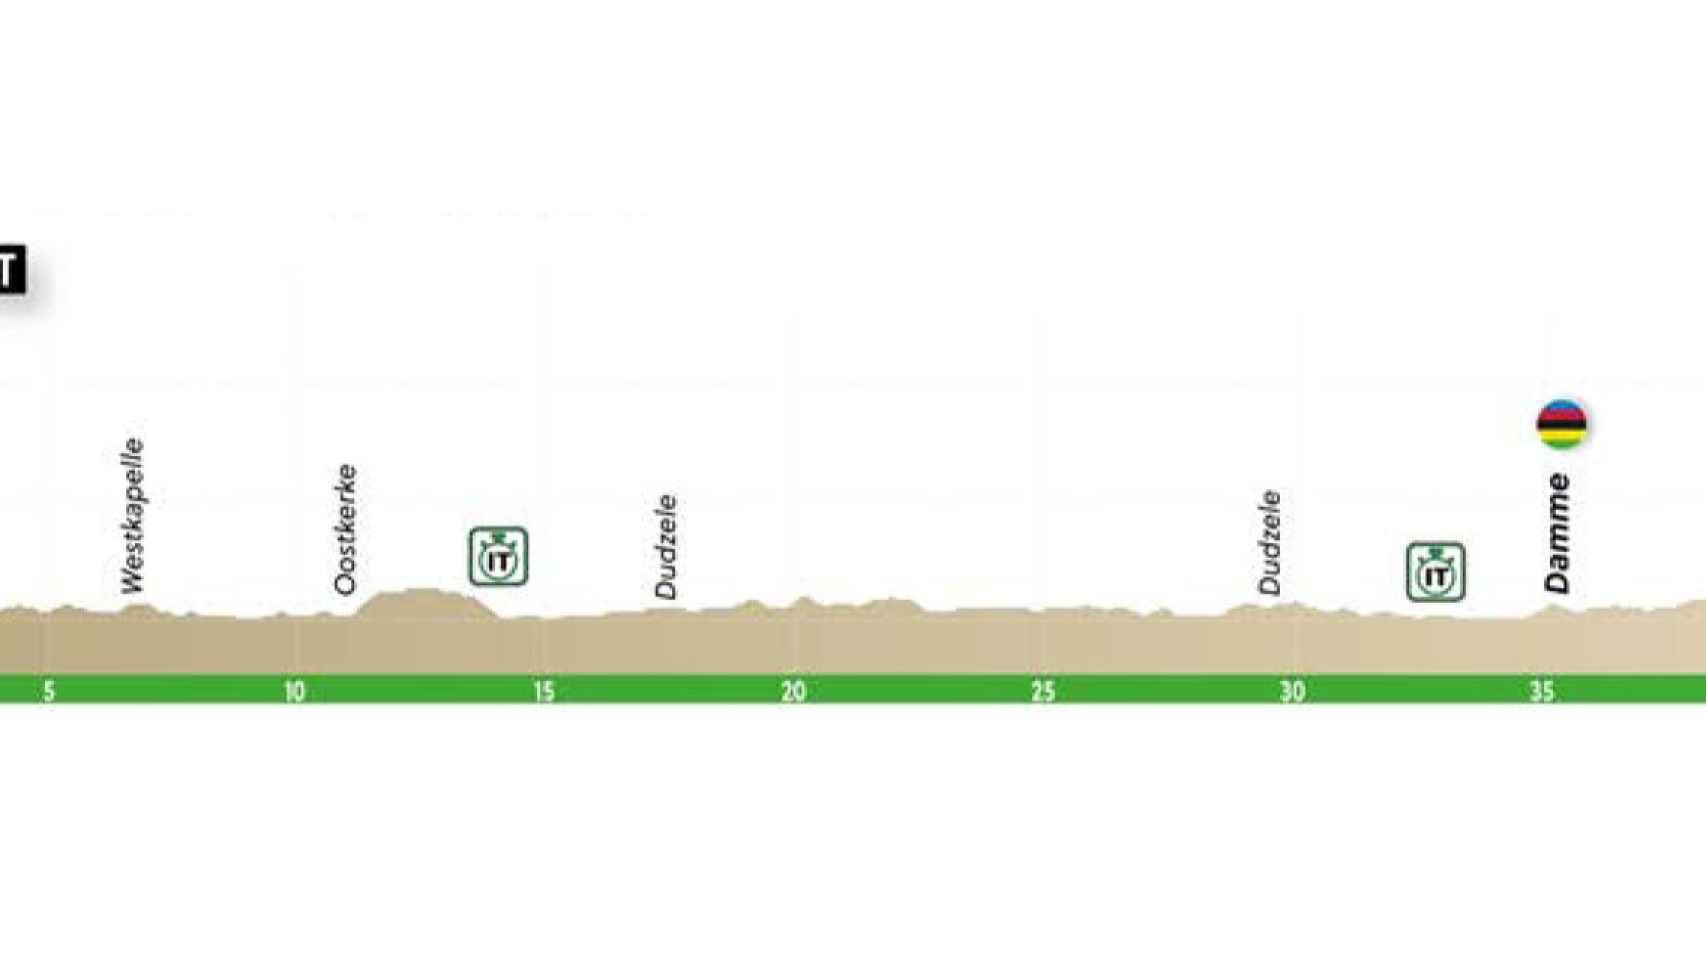 En directo   Siga la contrarreloj del mundial de ciclismo en 2021 disputado en Flandes